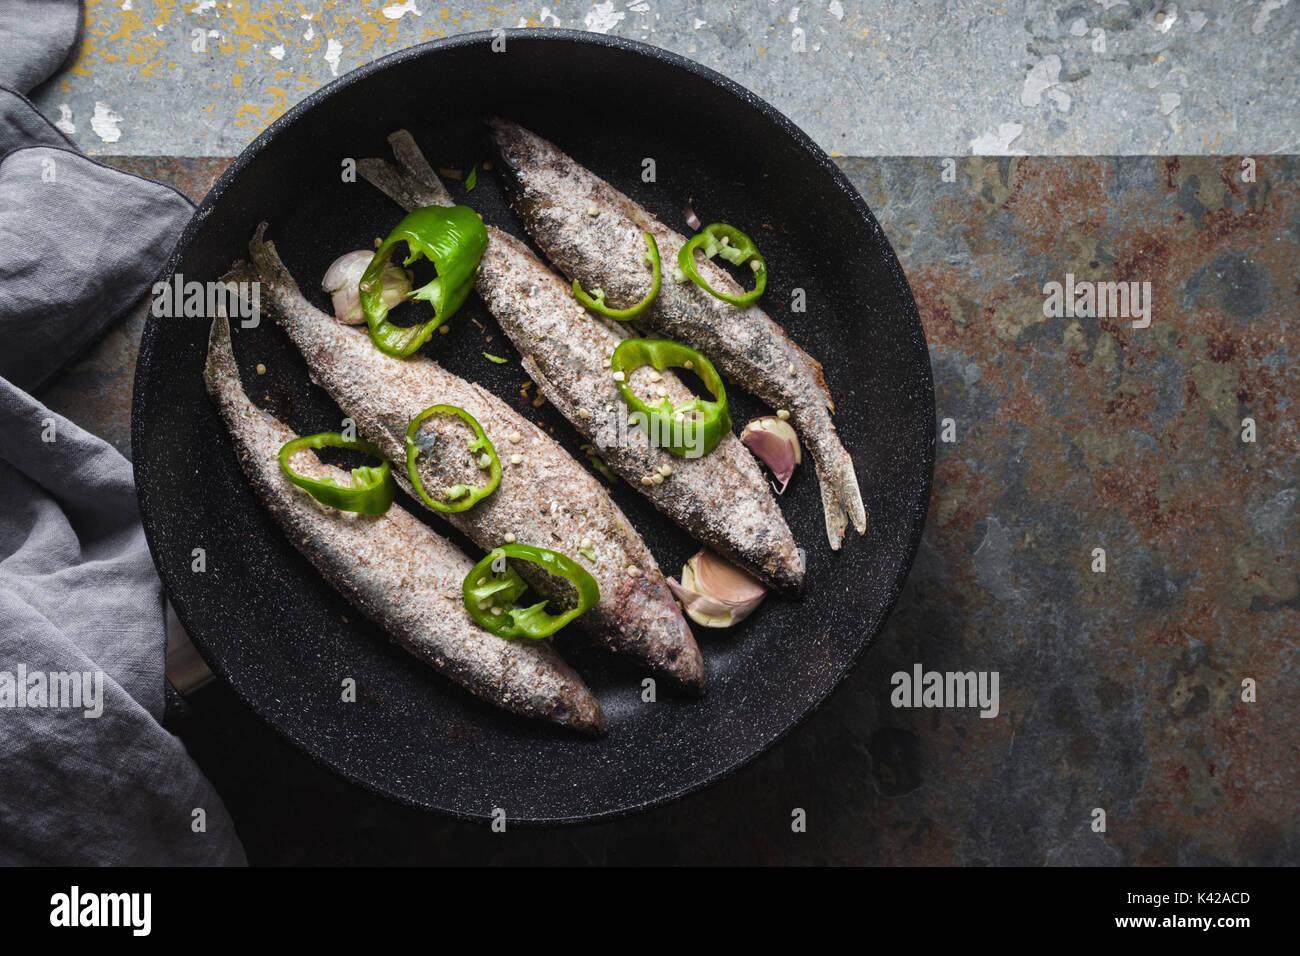 Fisch, Chili und Knoblauch in einer Pfanne horizontale Schwenken Stockbild